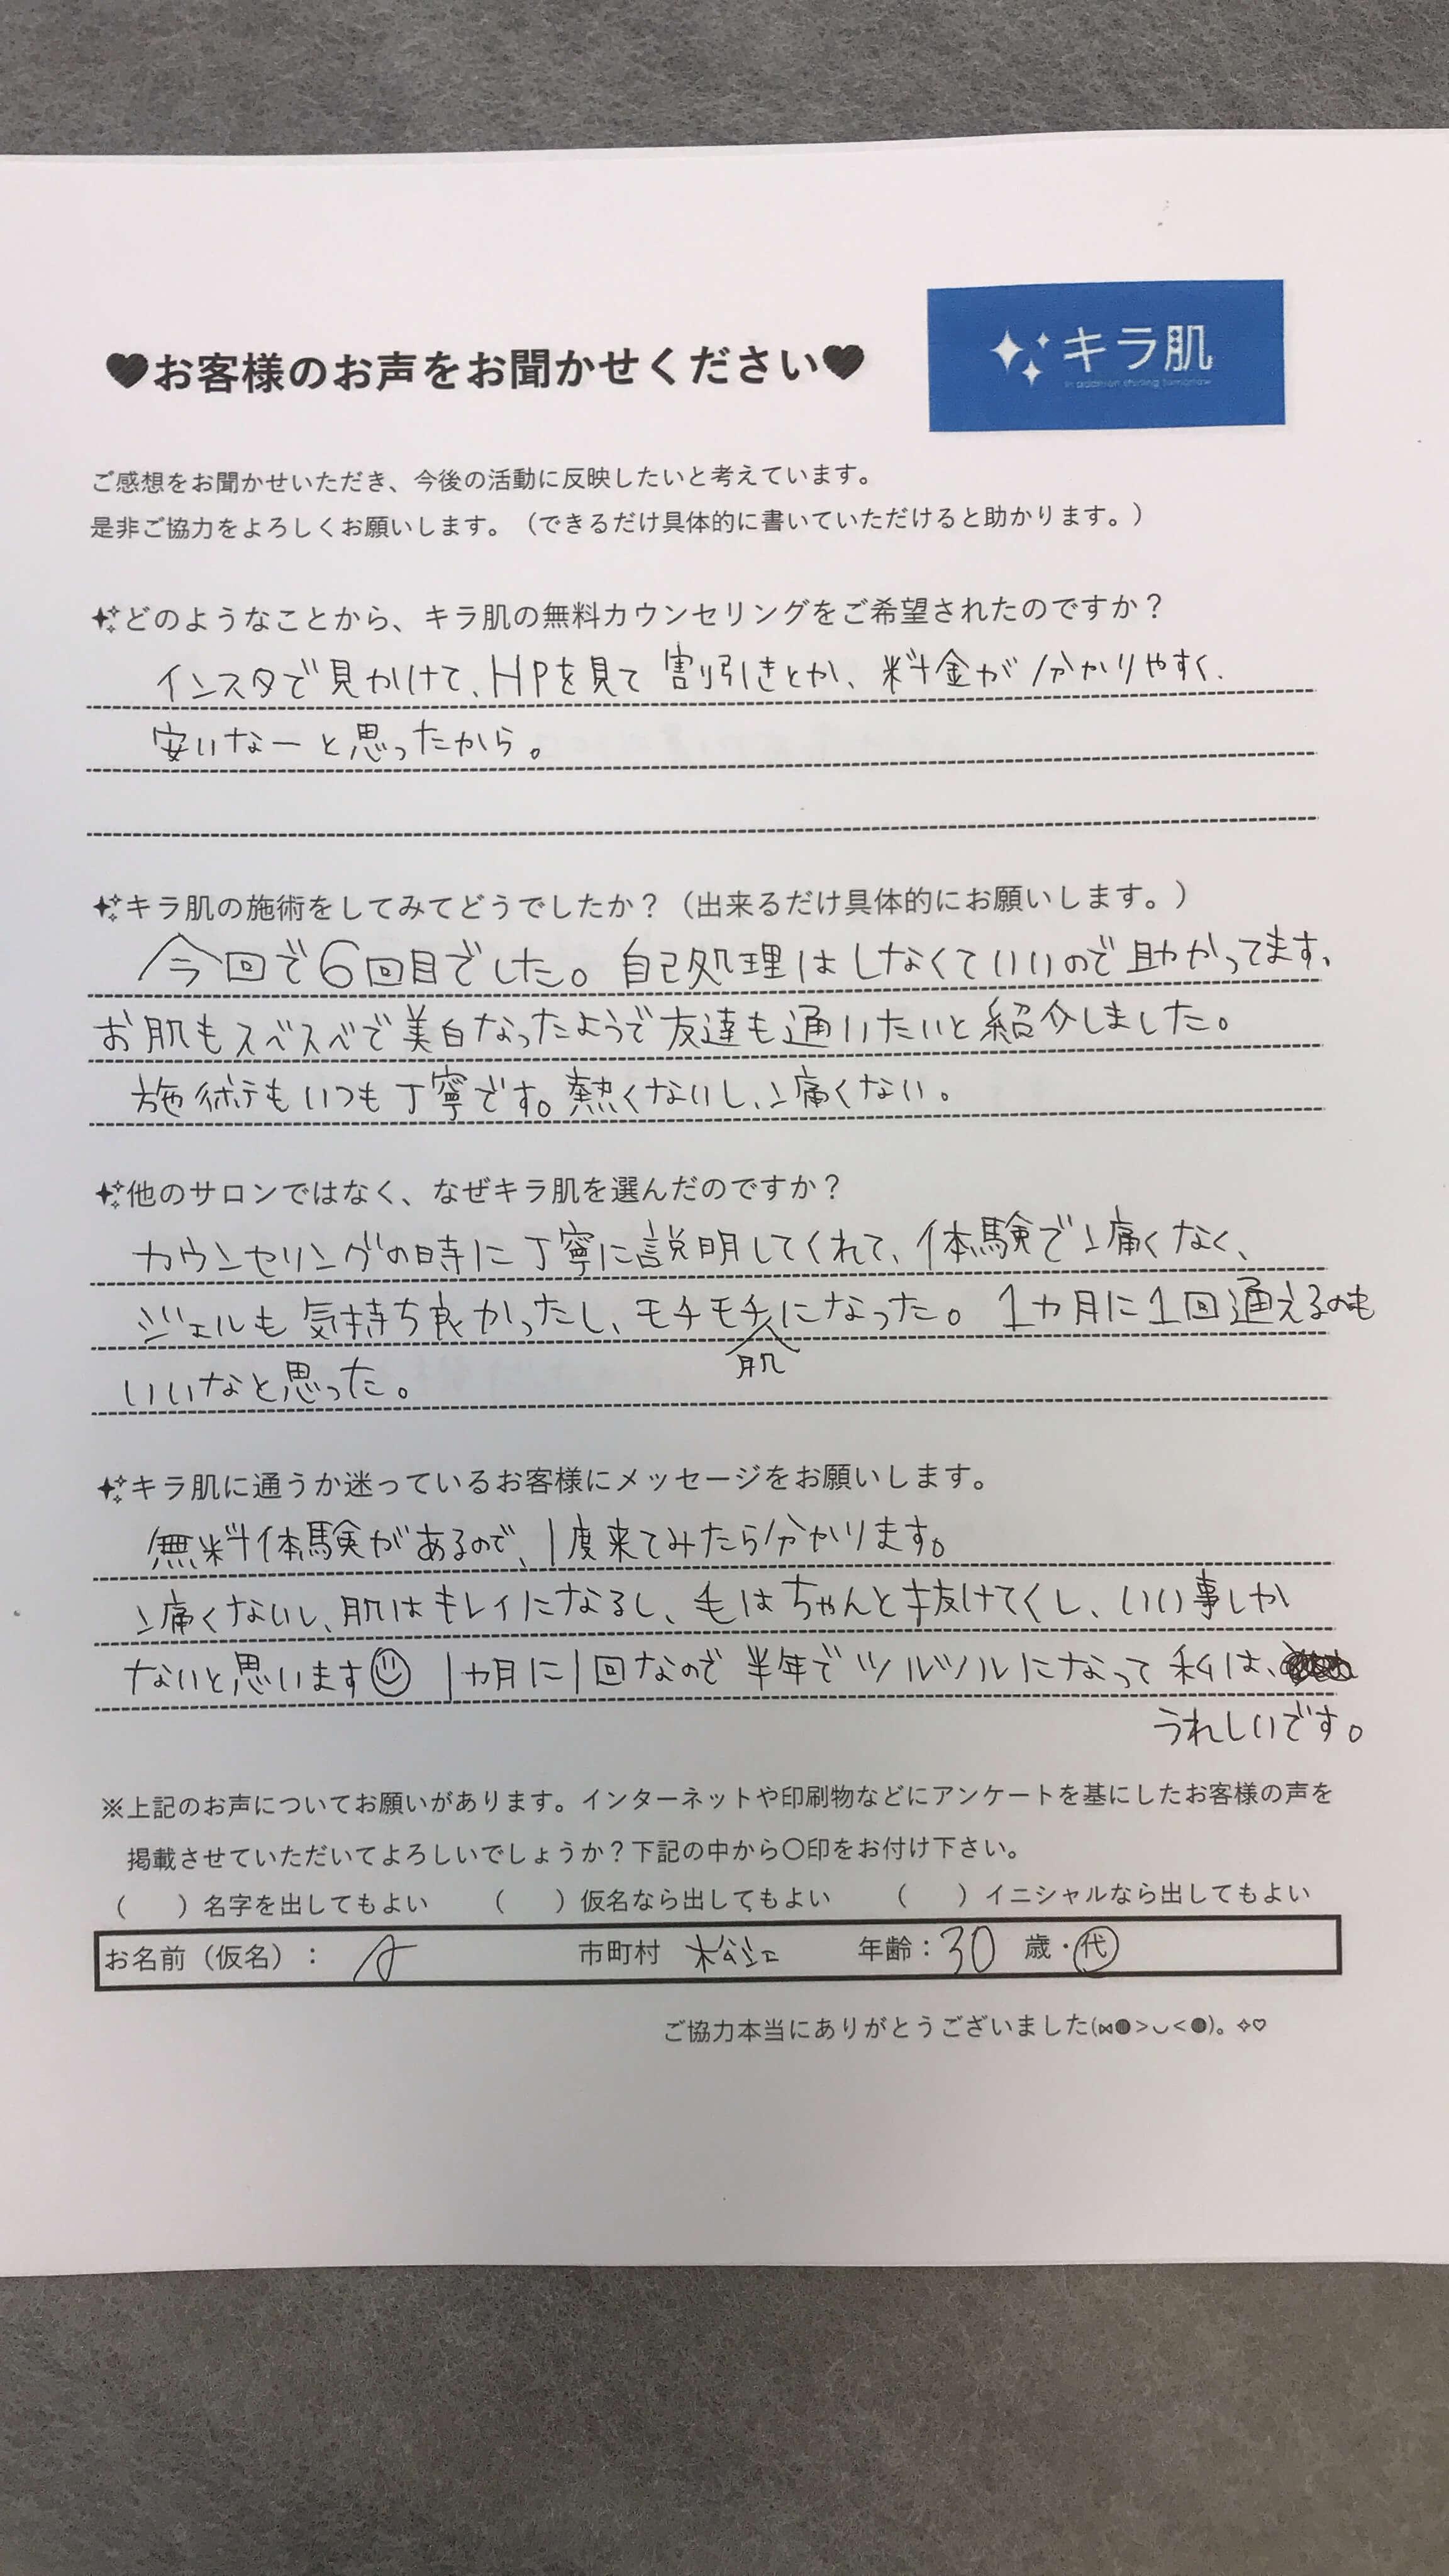 松江 脱毛 キラ肌 口コミ 全身脱毛(vio/顔)